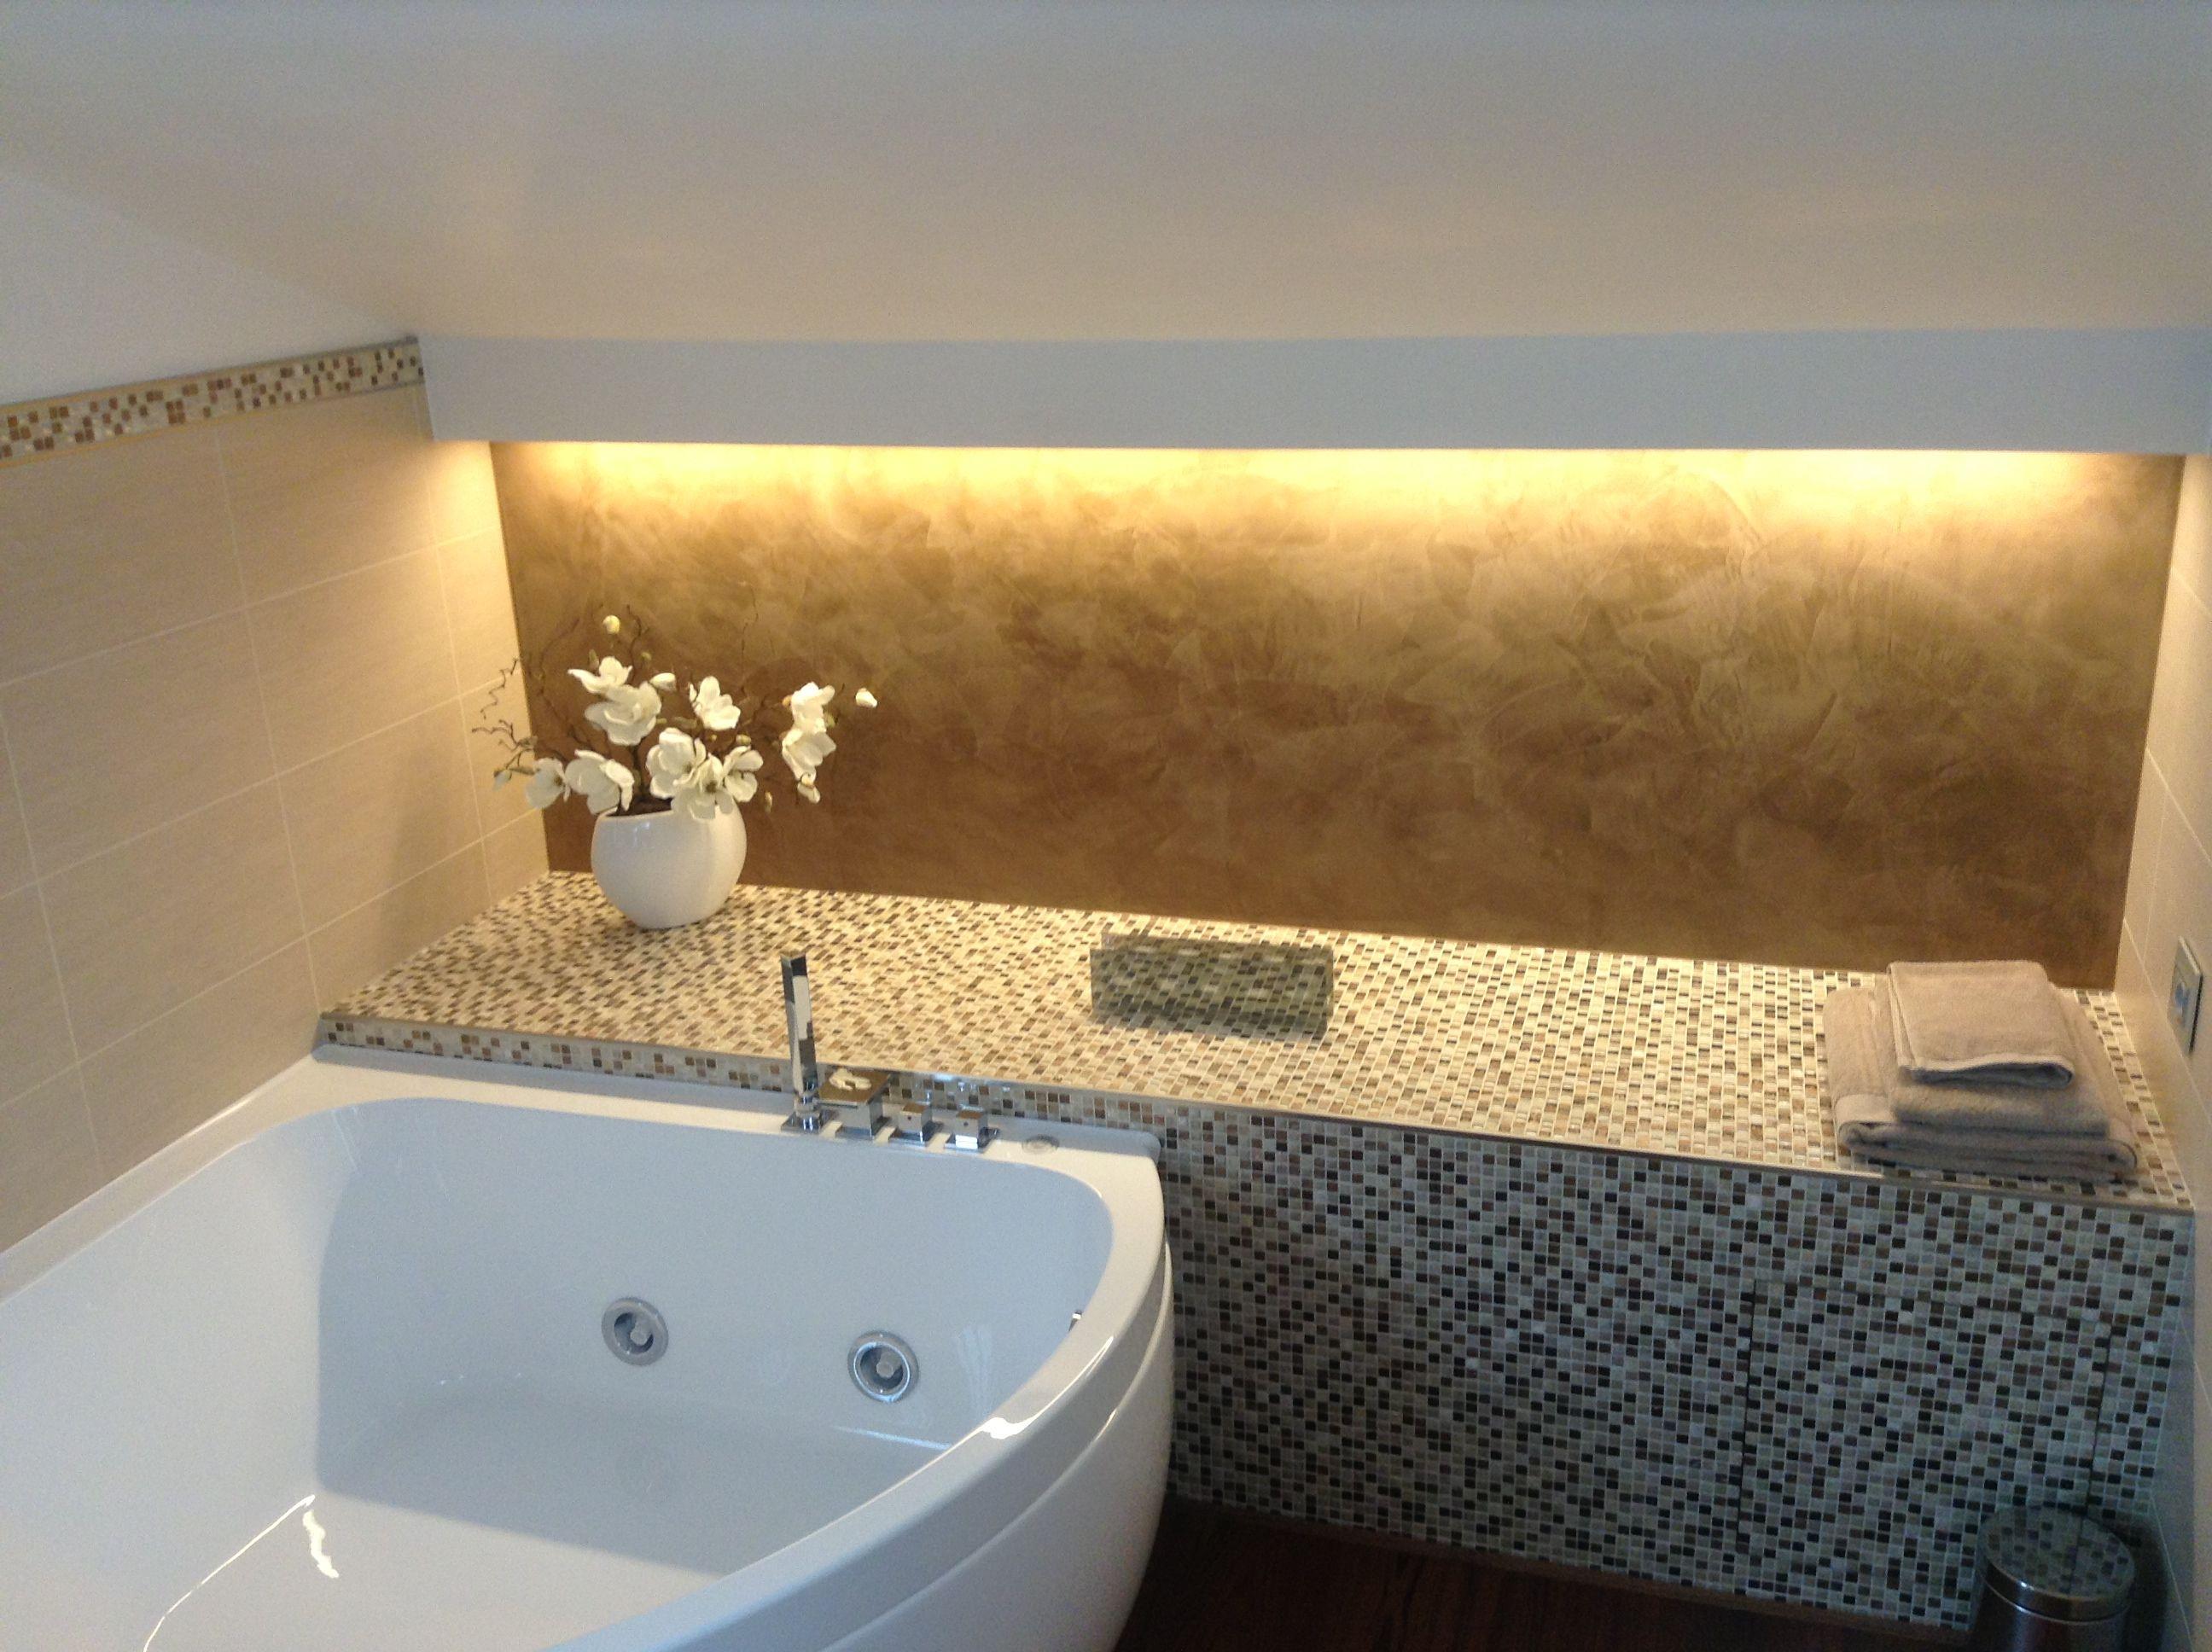 Abitazione privata illuminazione bagno veletta cartongesso led ligting design - Illuminazione bagno ...